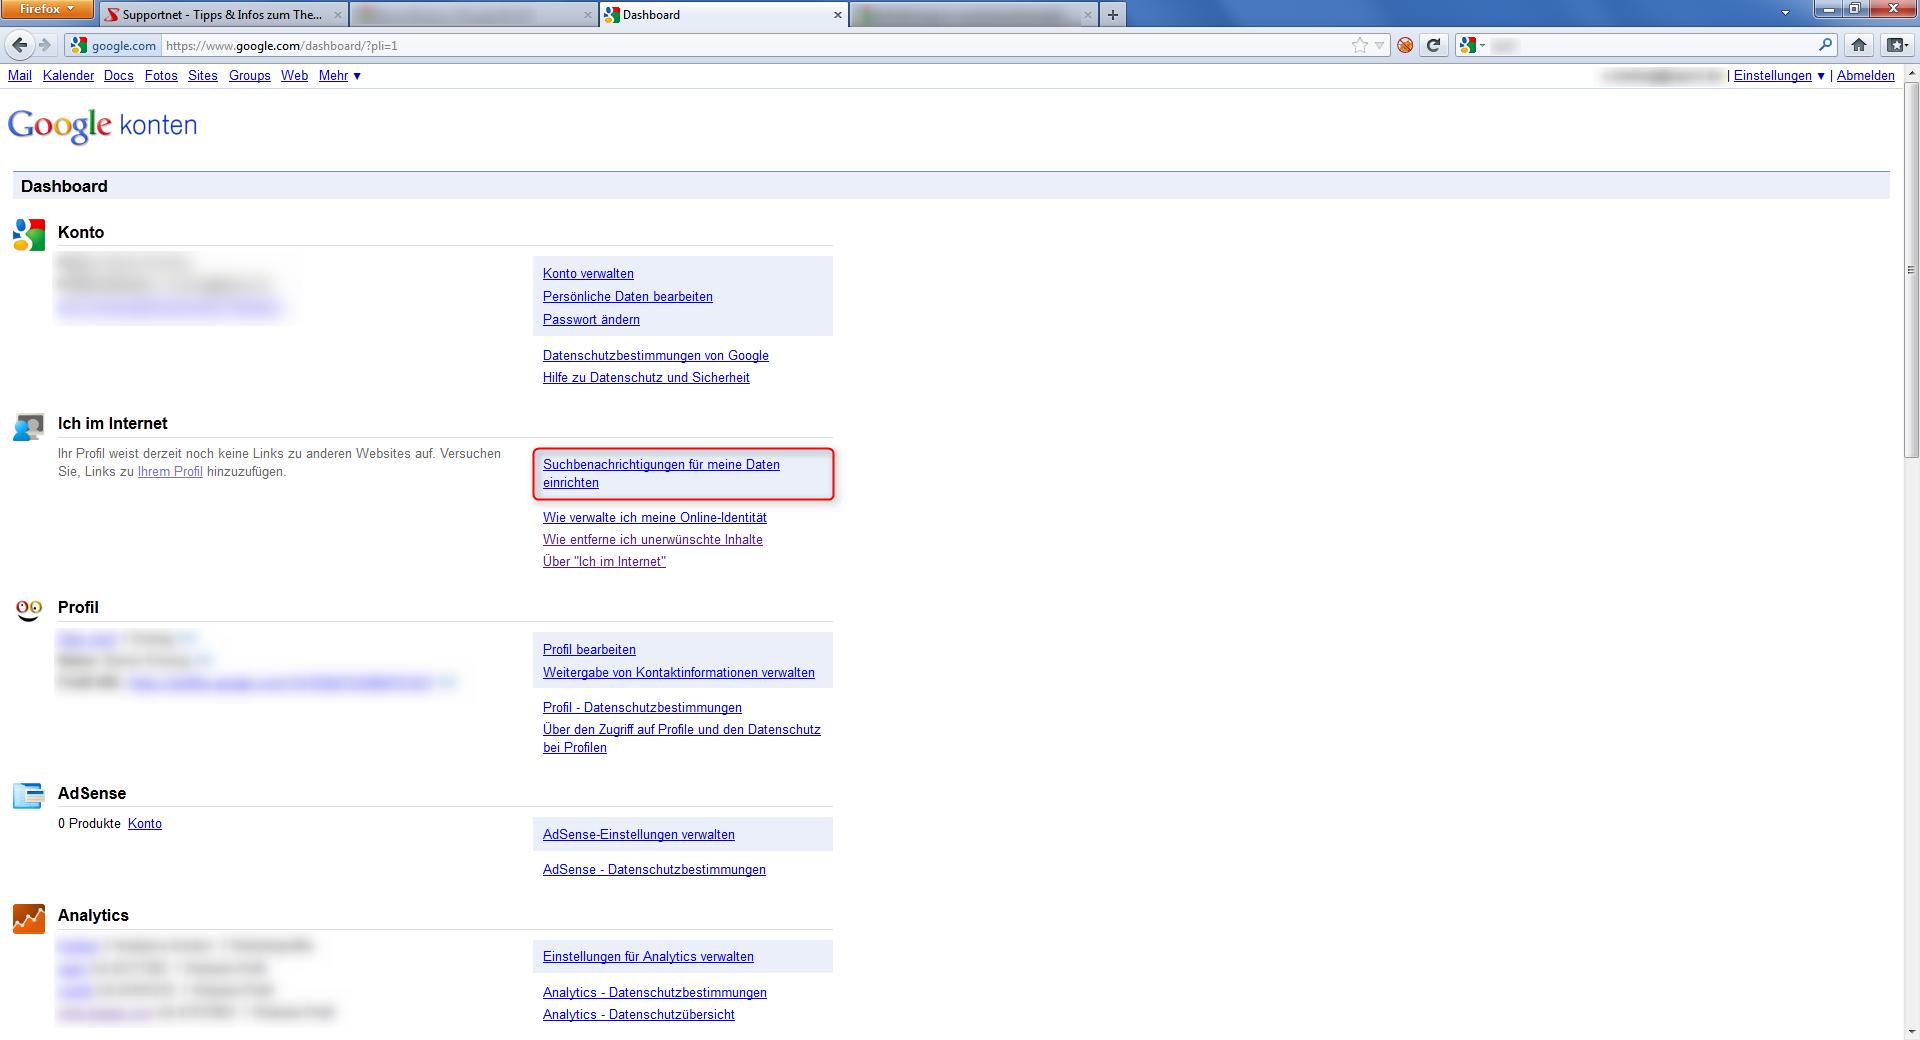 04-google-und-ich-im-internet-ich-im-internet-470.png?nocache=1325151552299